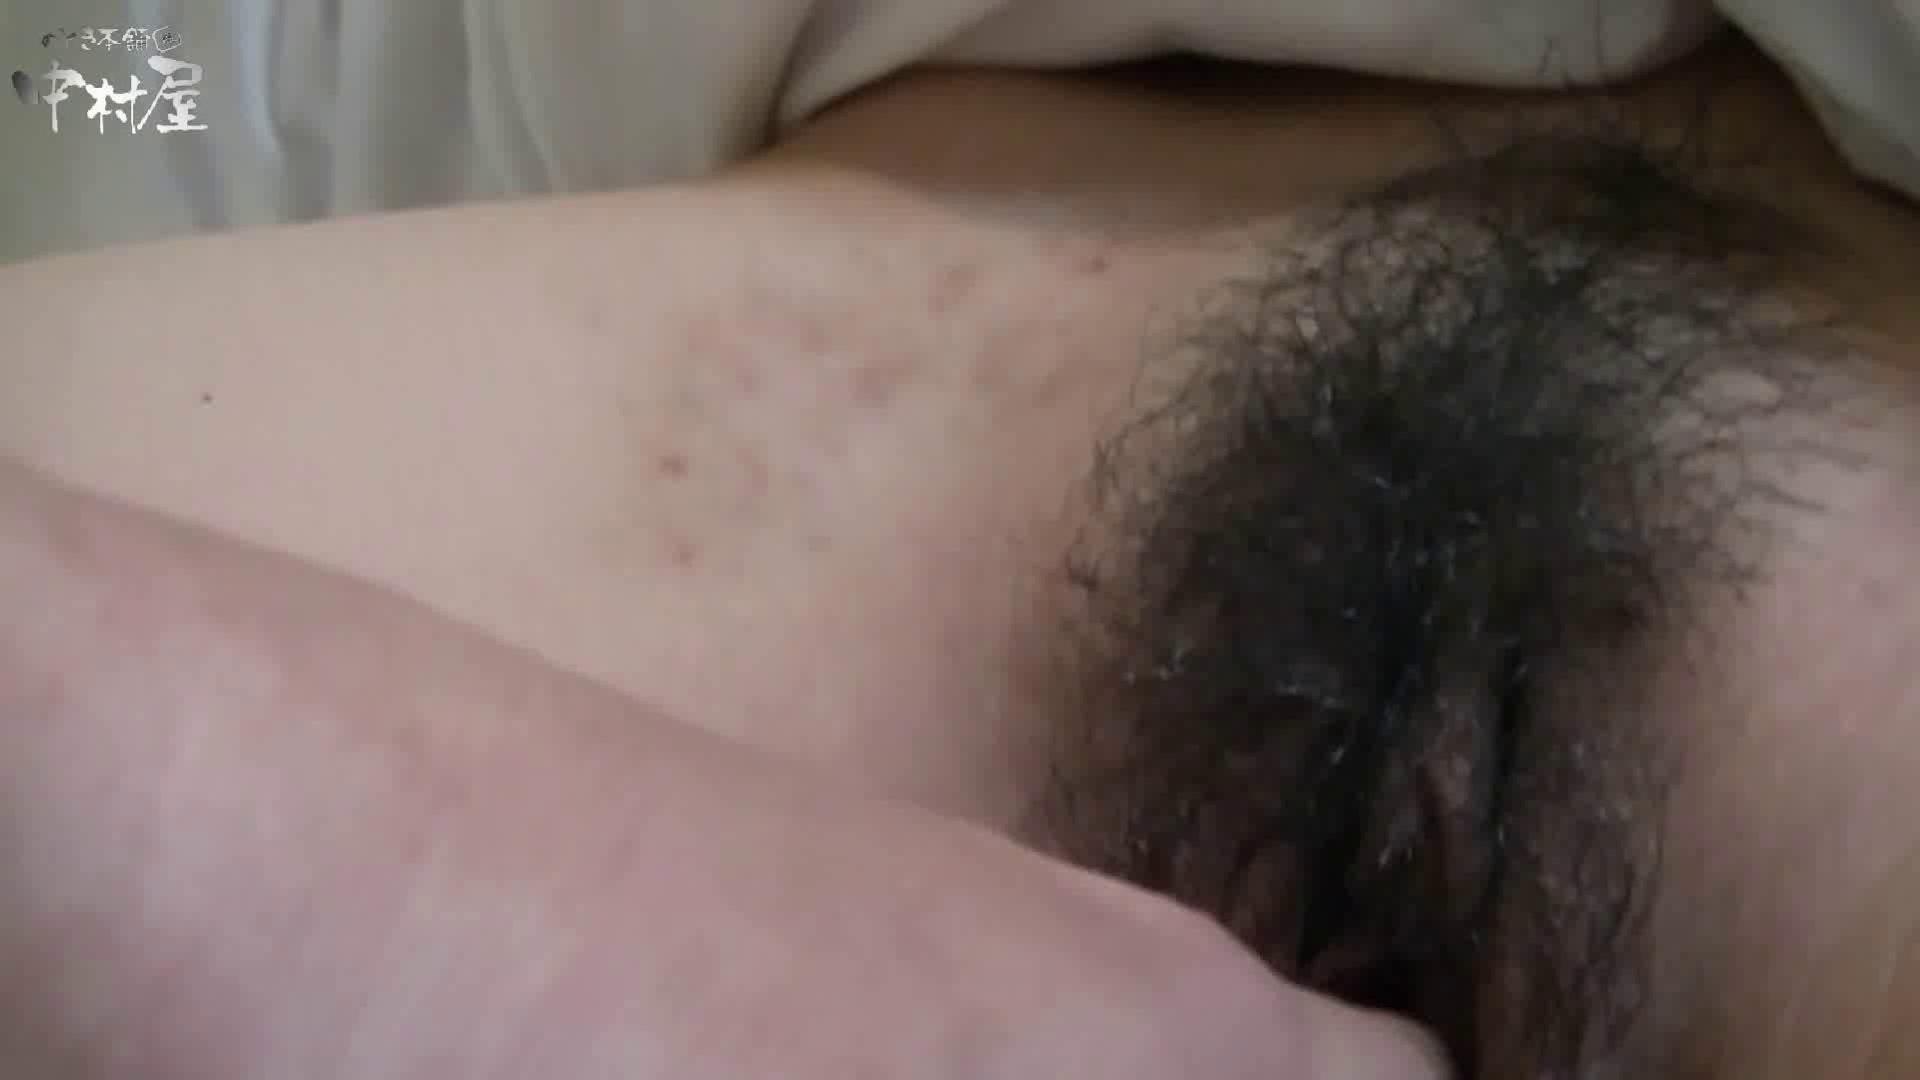 ネムリ姫 vol.40 後編 OLのエロ生活 AV動画キャプチャ 94連発 74